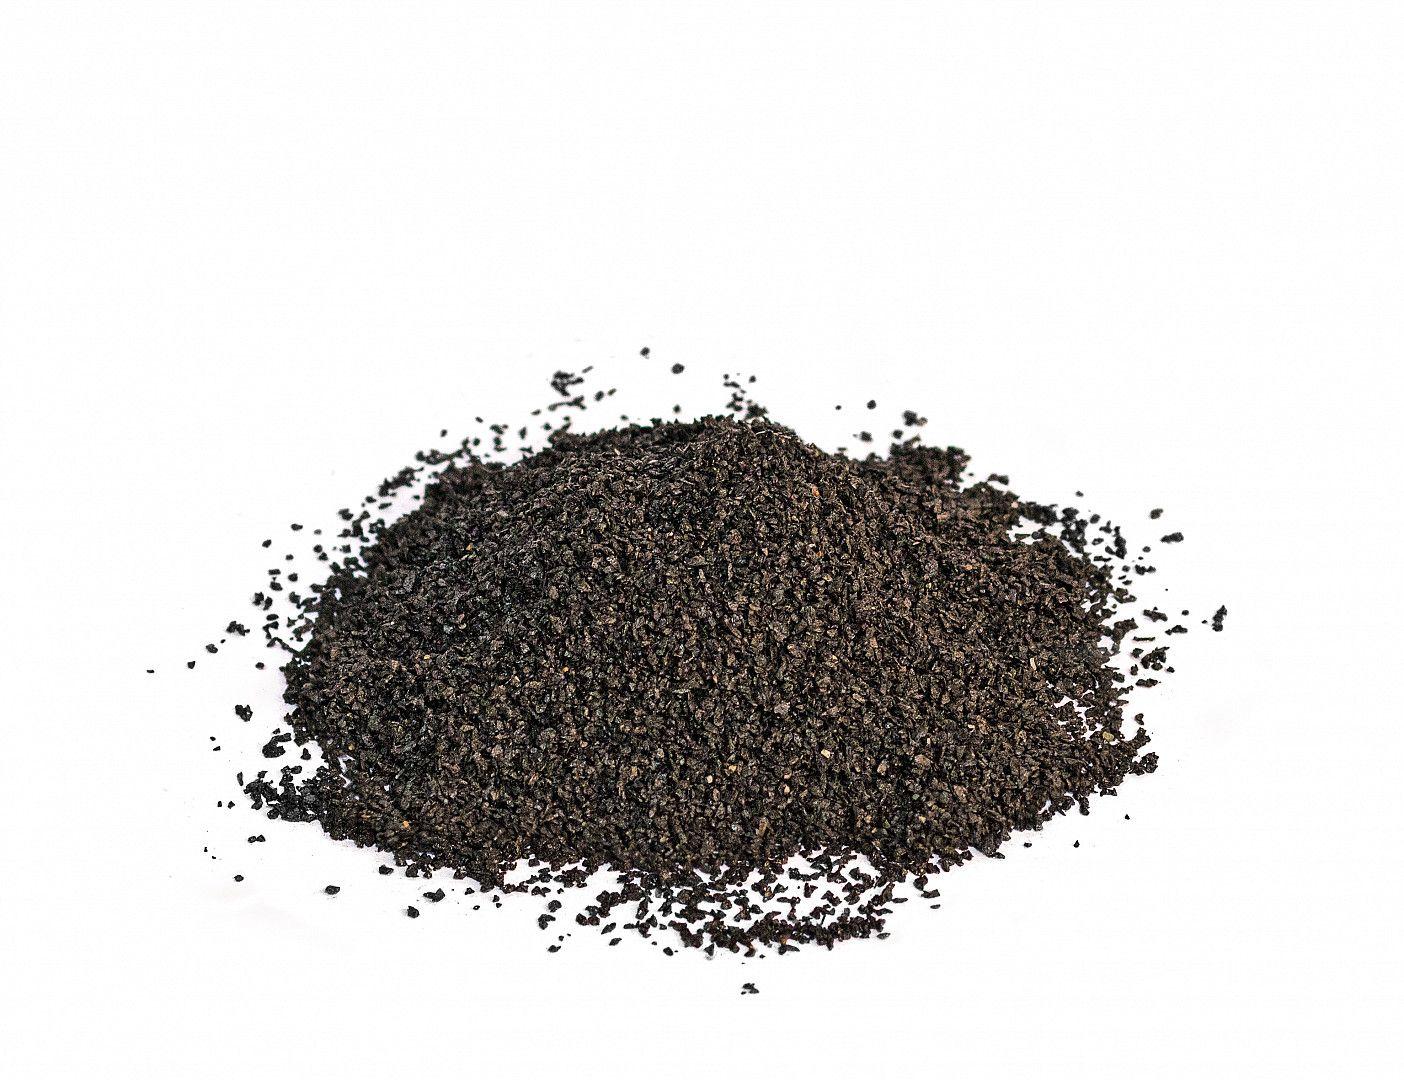 Profiplus Fugensplitt schwarz 1-3mm 25kg